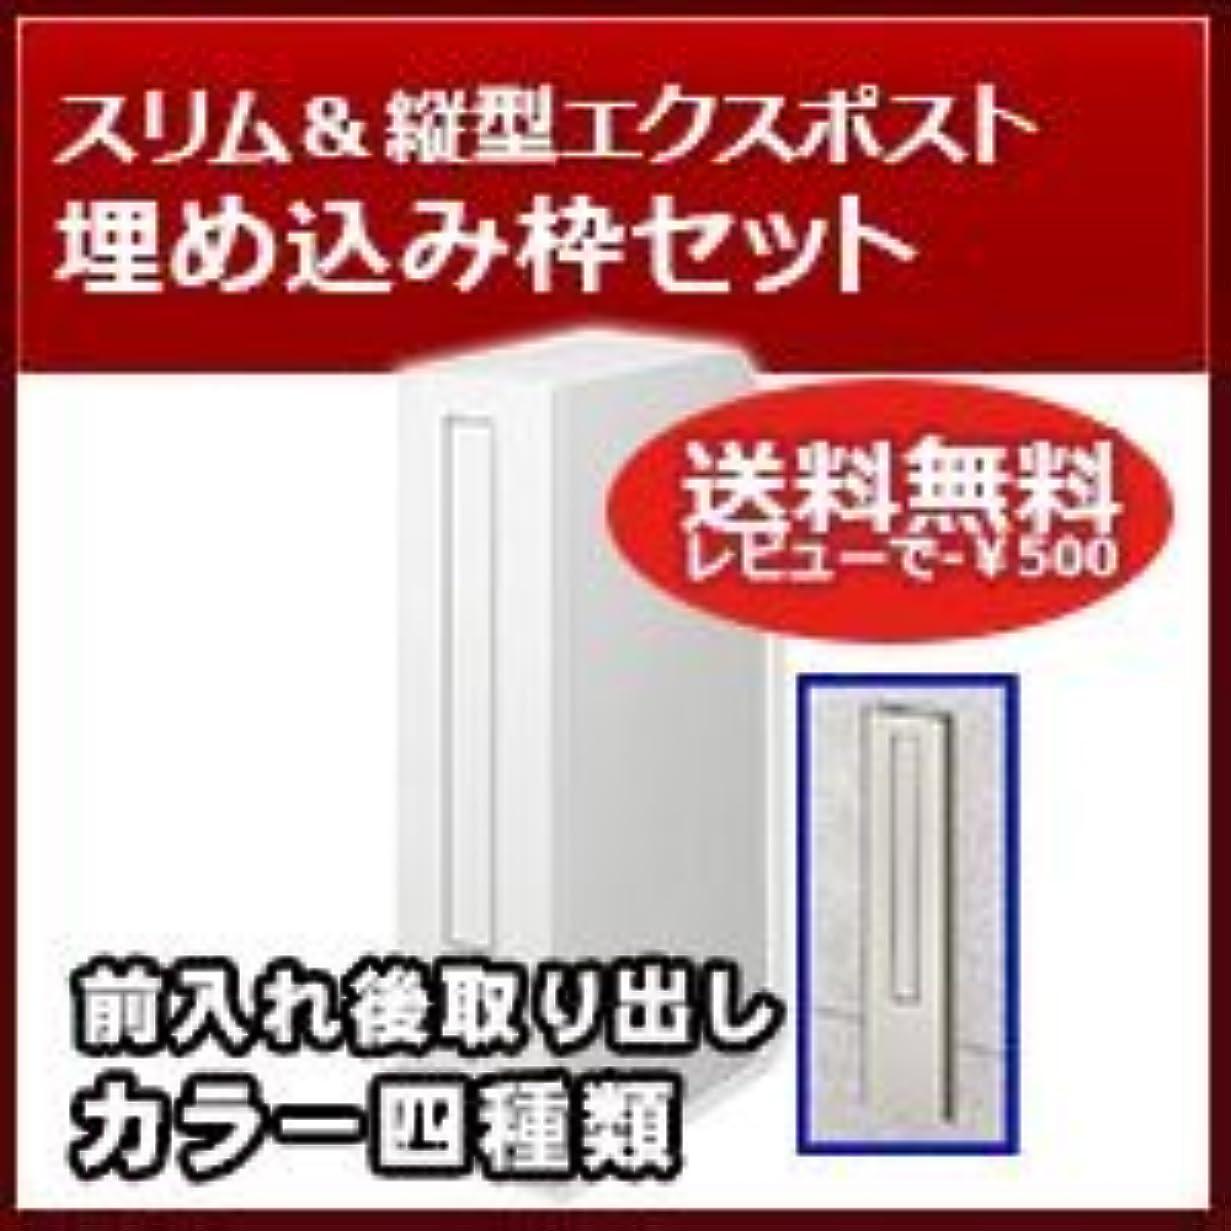 利用可能財布アドバンテージリクシル(LIXIL) 埋め込み郵便ポスト エクスポスト 縦型タイプ スリム縦型ポスト錠なし埋込枠セット マイルドブラック